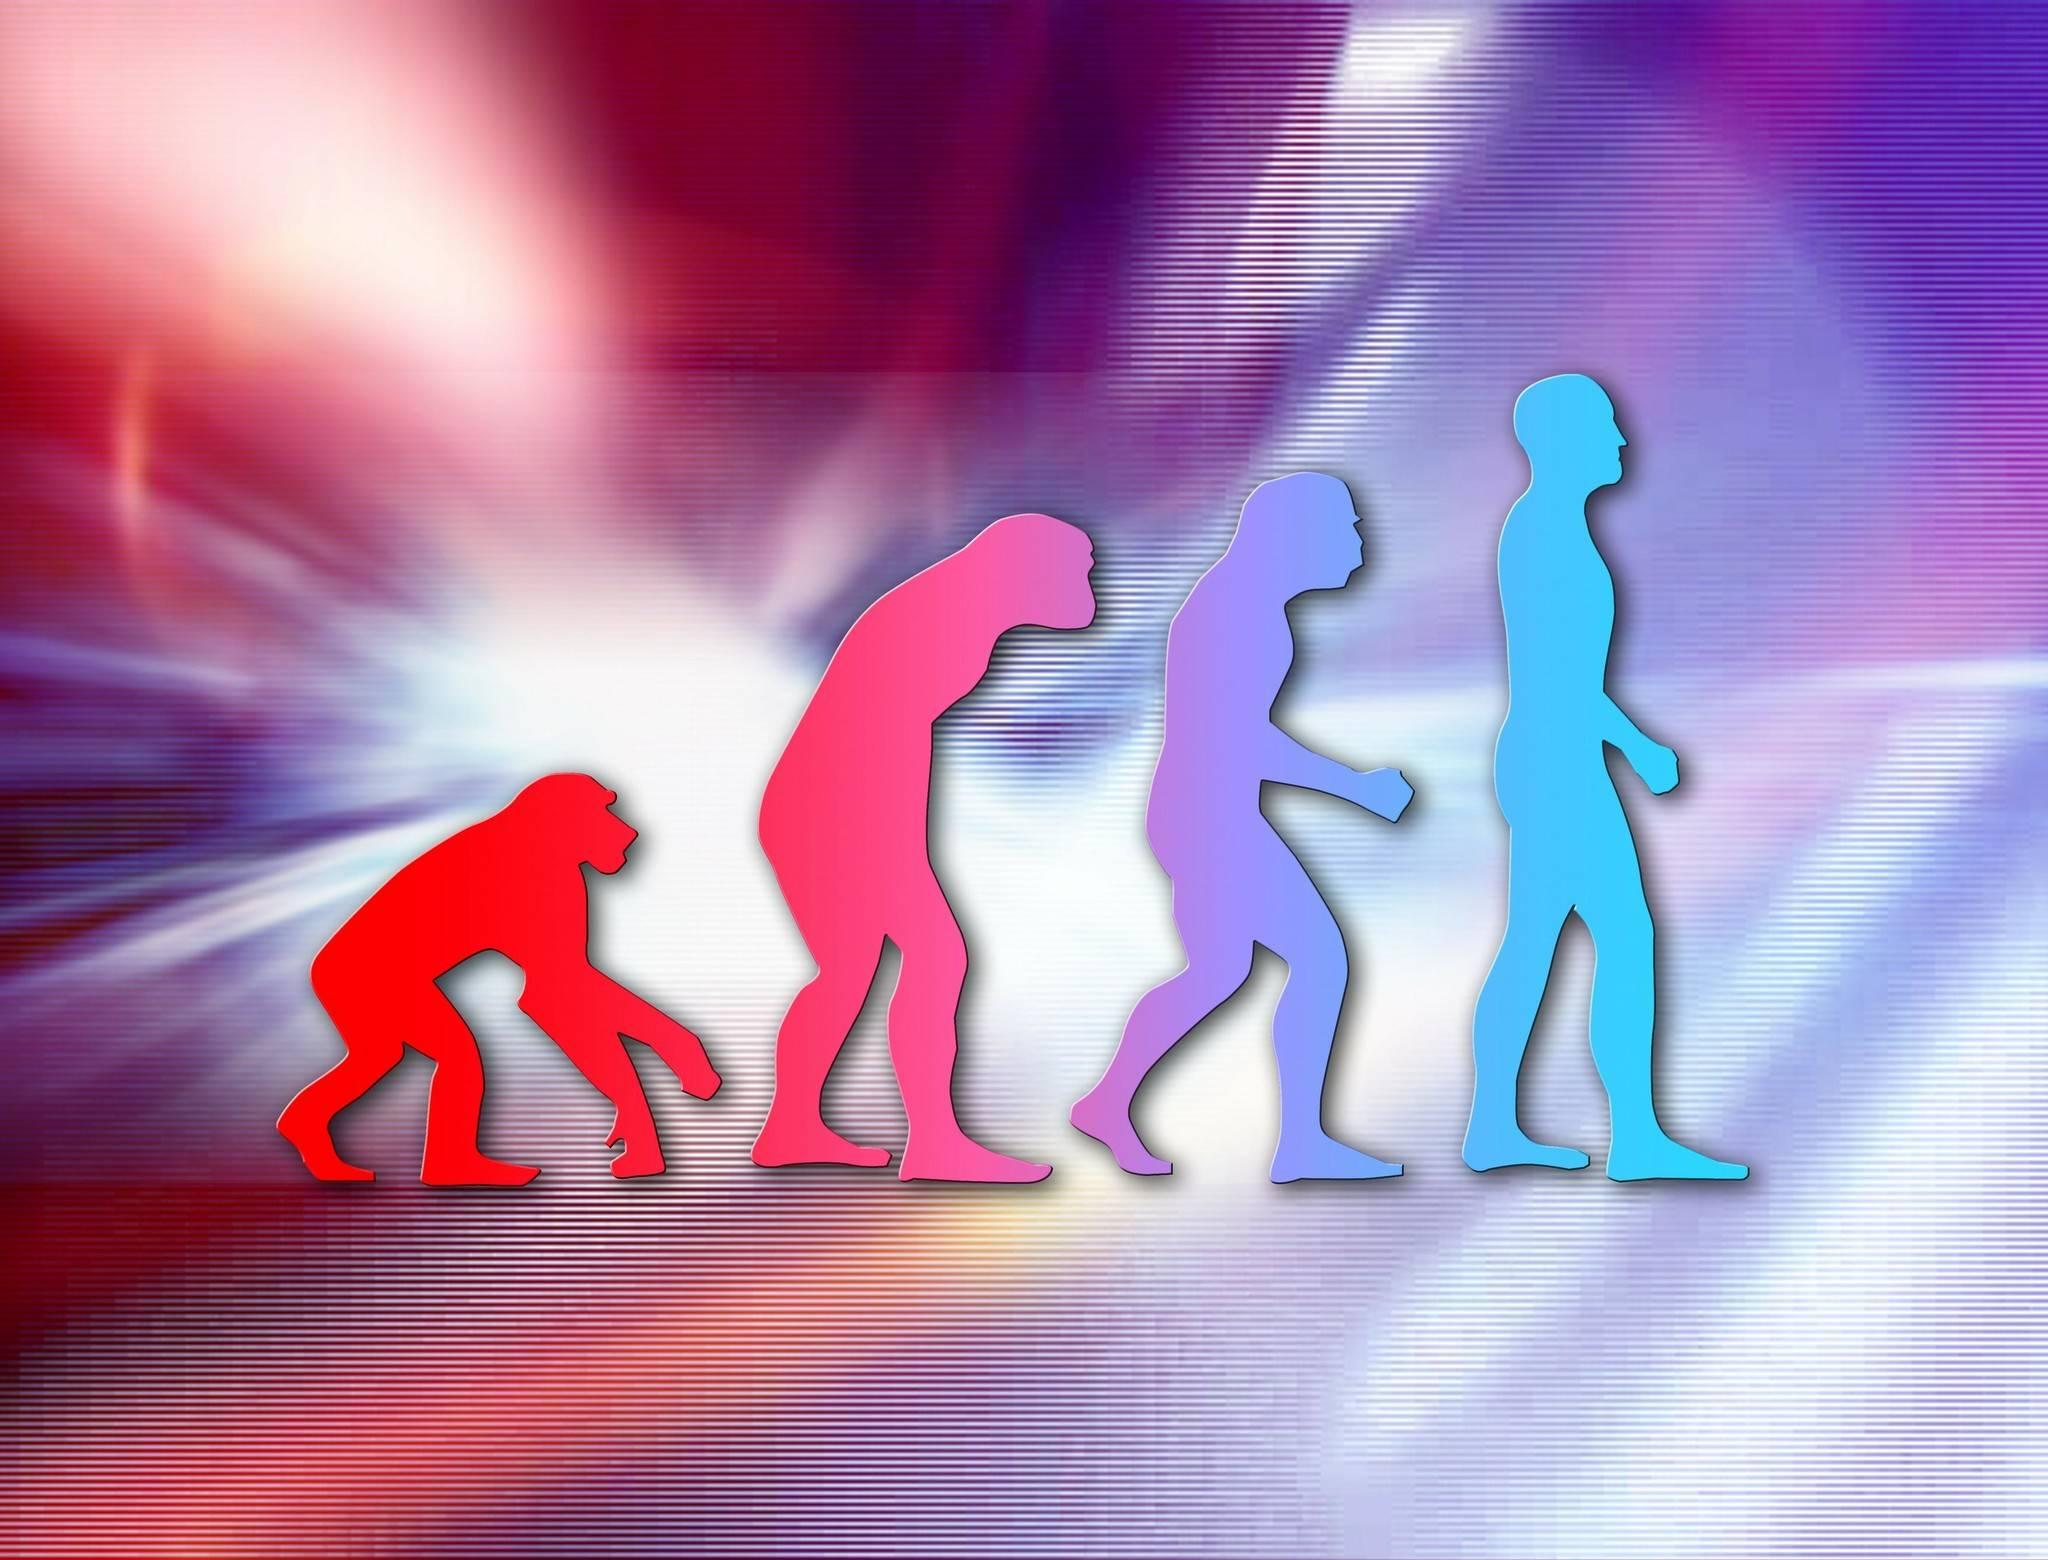 50年进化路径,软件服务行业的老中青三代